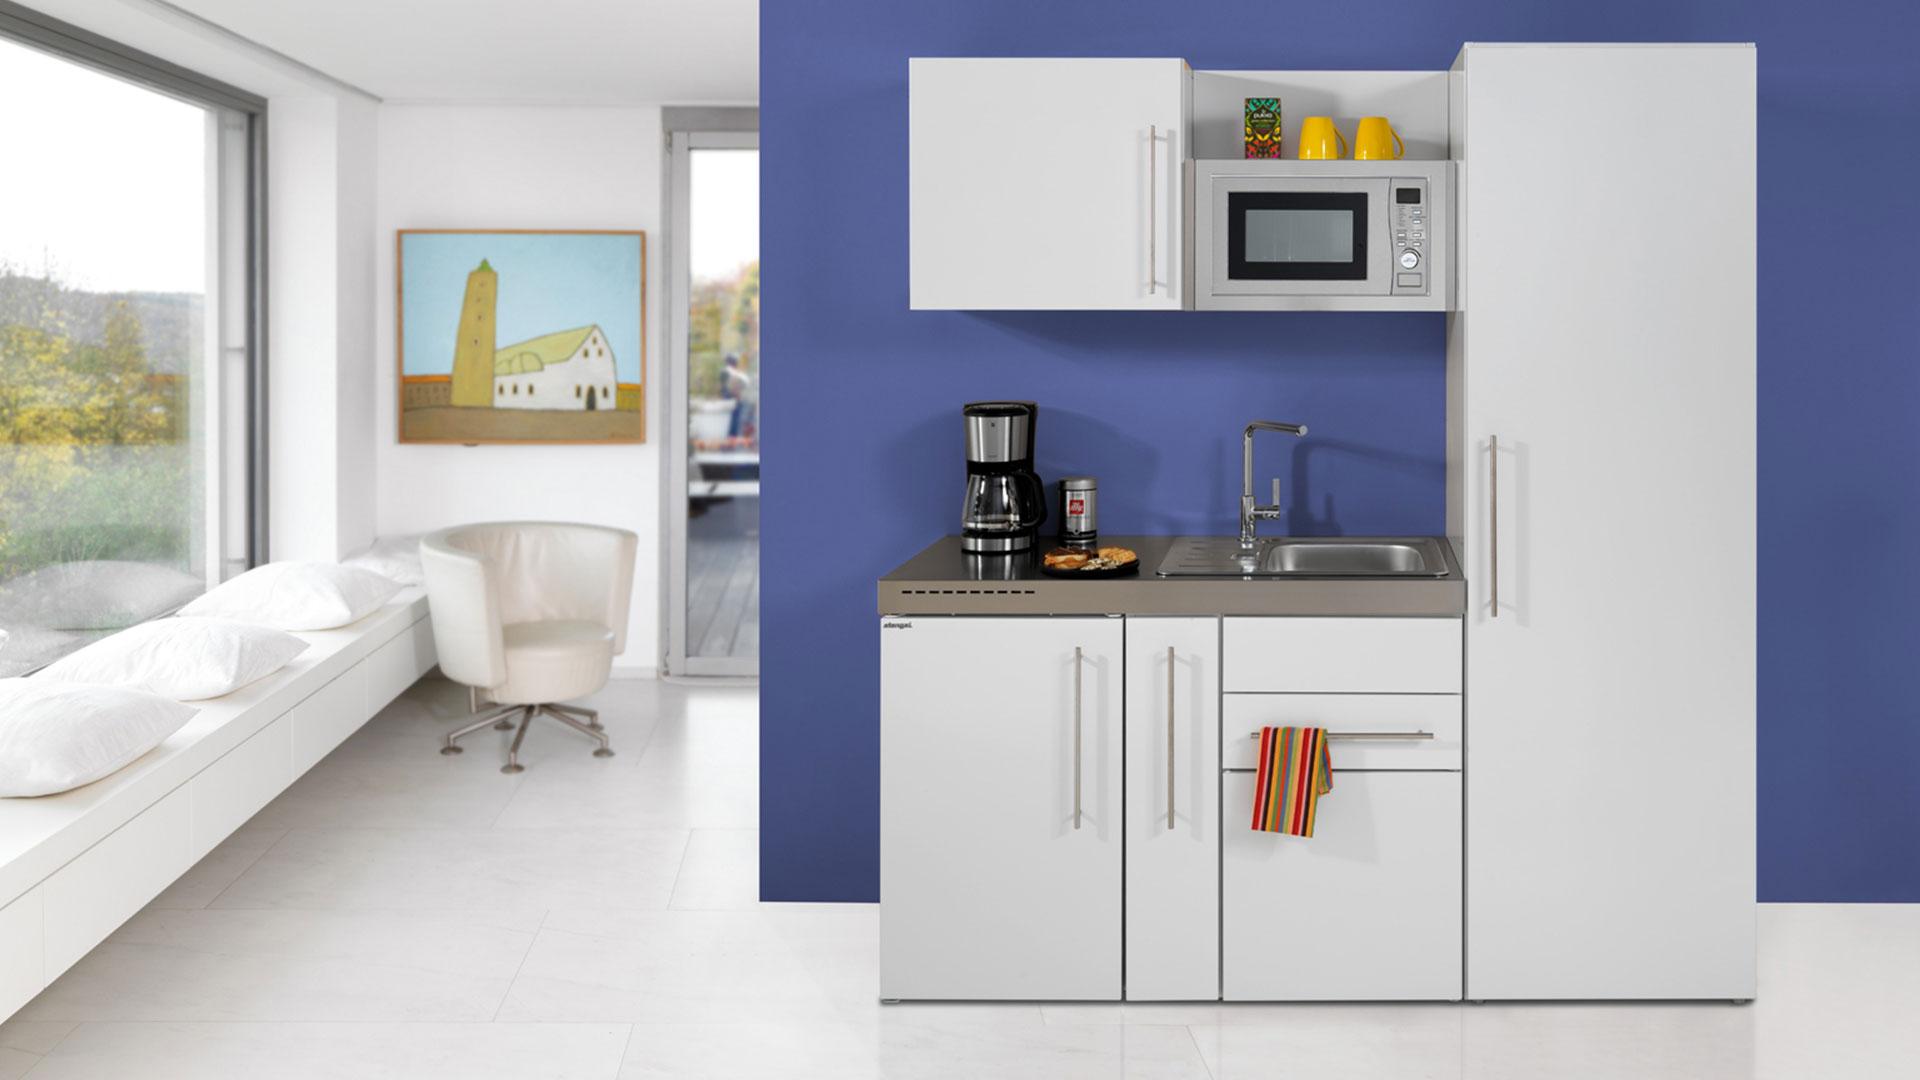 Full Size of Stengel Steel Concept Stahl In Schner Und Funktioneller Form Ikea Miniküche Mit Kühlschrank Küche Stengel Miniküche